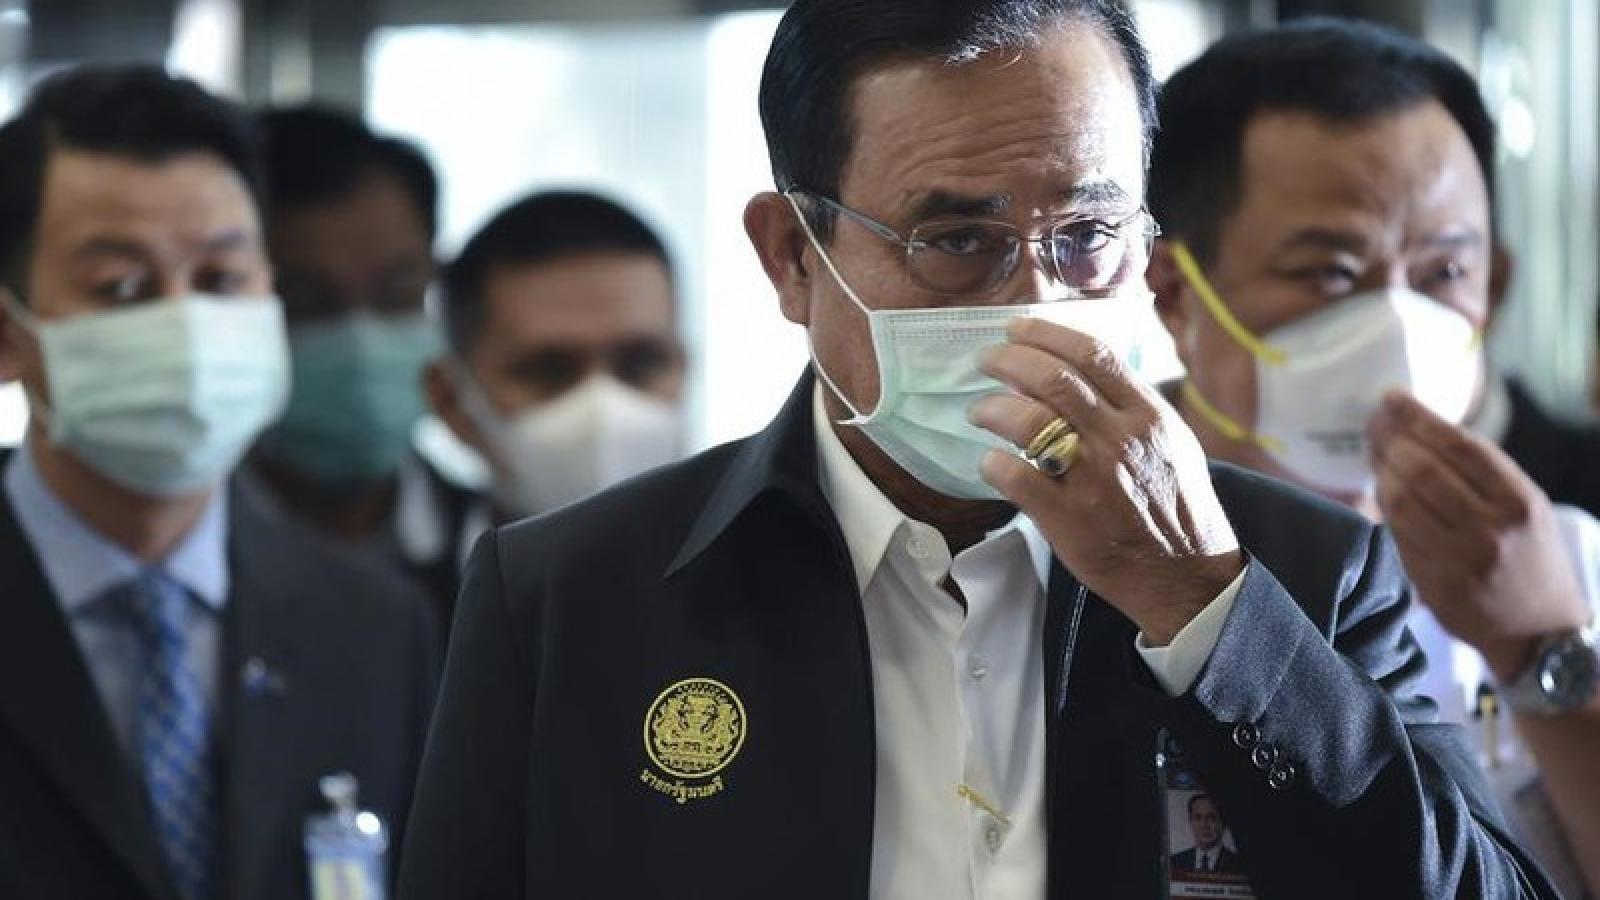 Thủ tướng Thái Lan đồng ý dỡ bỏ lệnh giới nghiêm